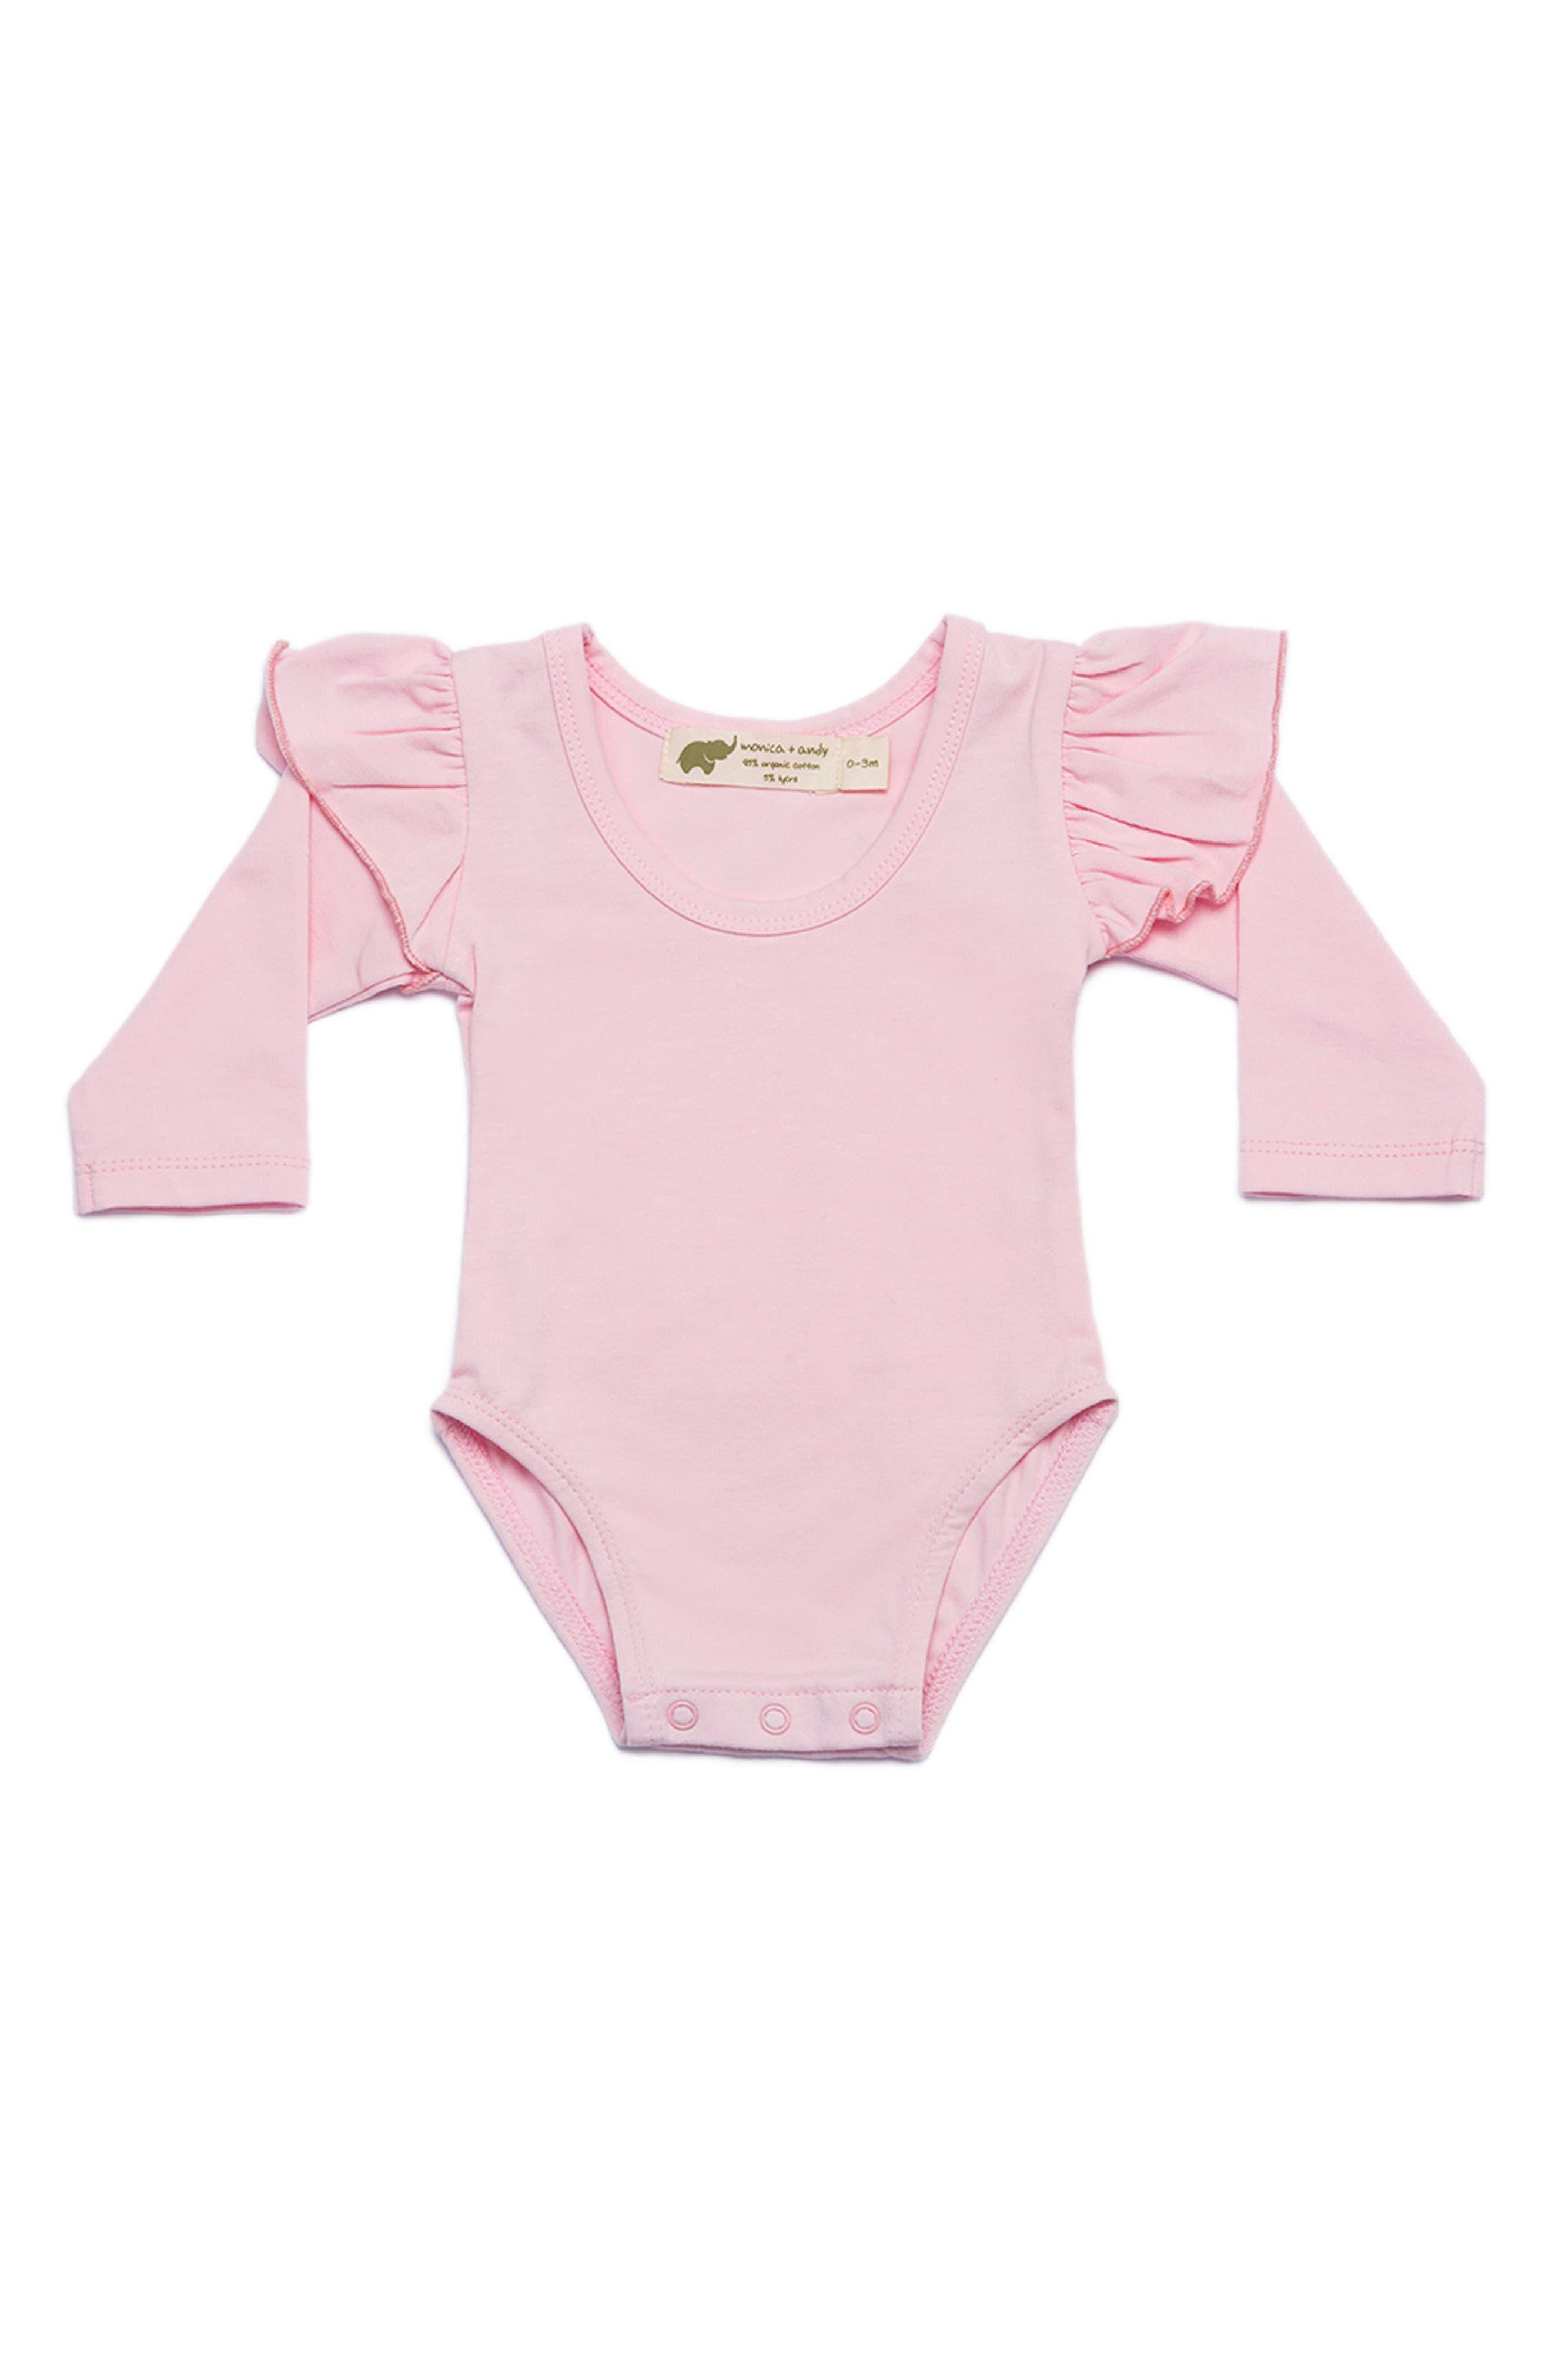 Monica + Andy Double Ruffle Bodysuit (Baby Girls)